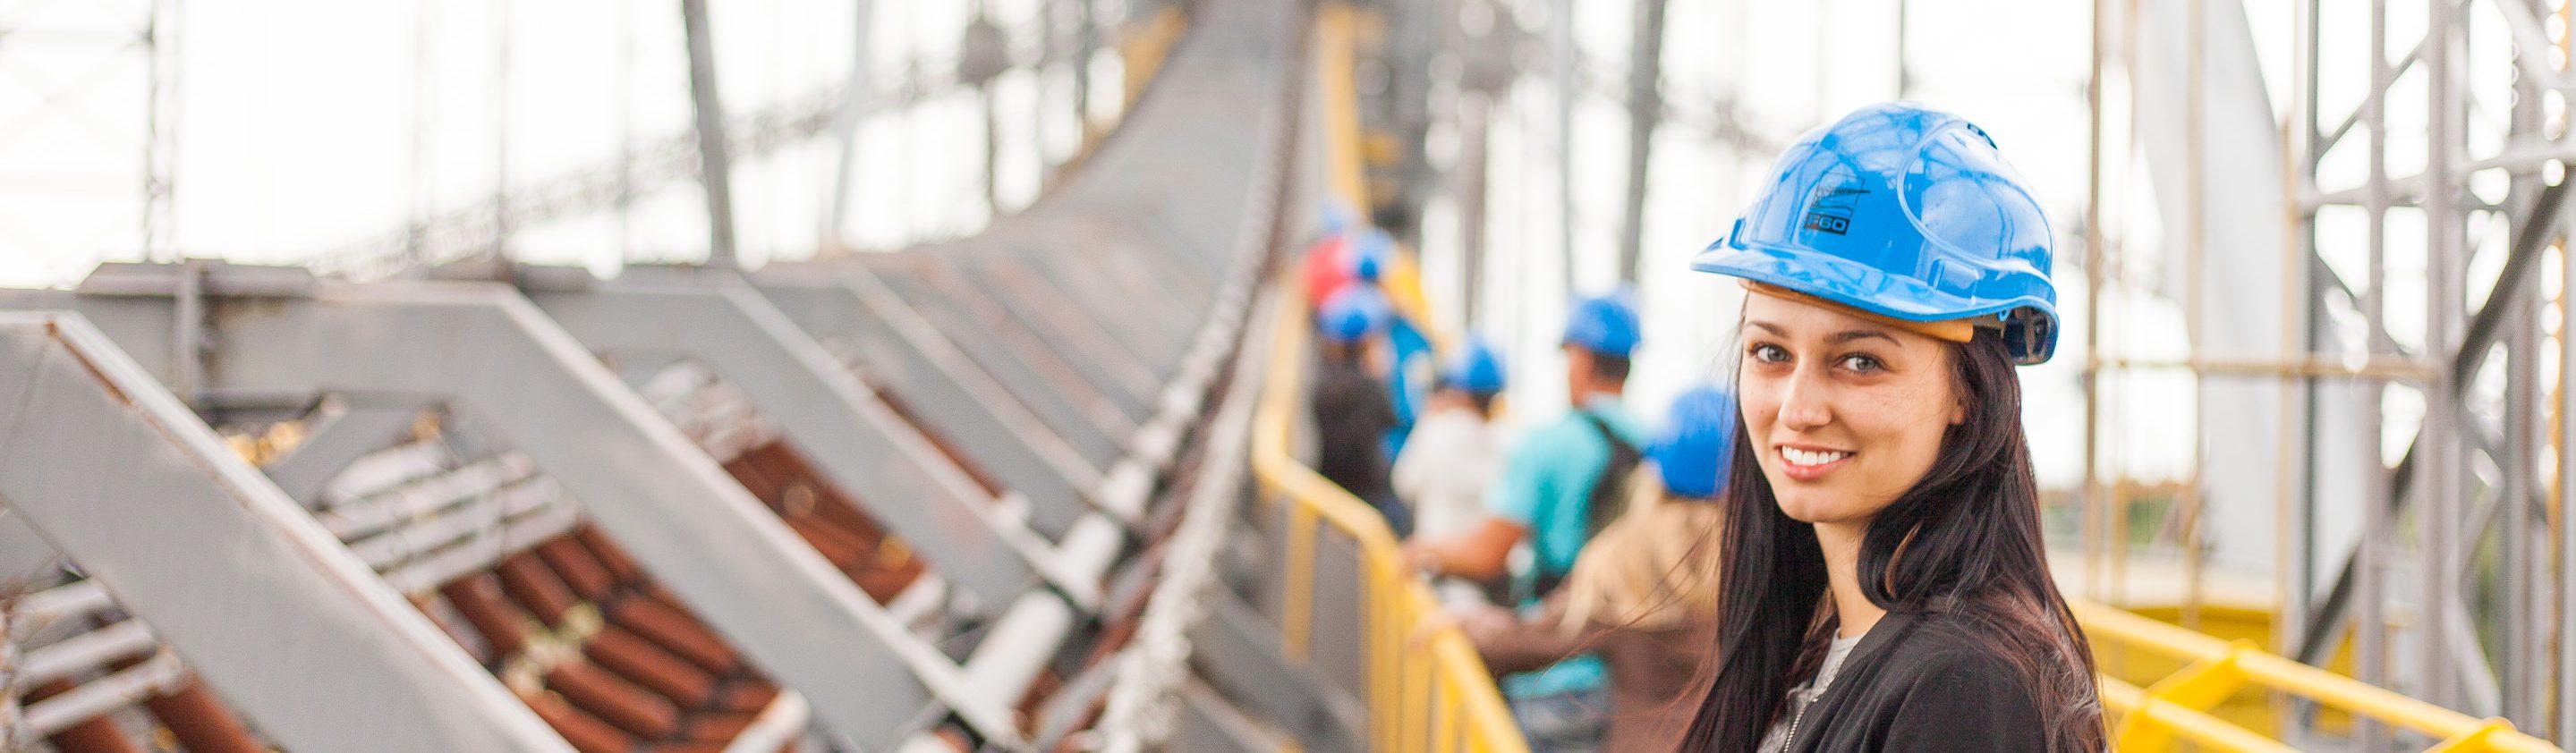 seguridad, laboral, salud, trabajo, puente, casco, construcción